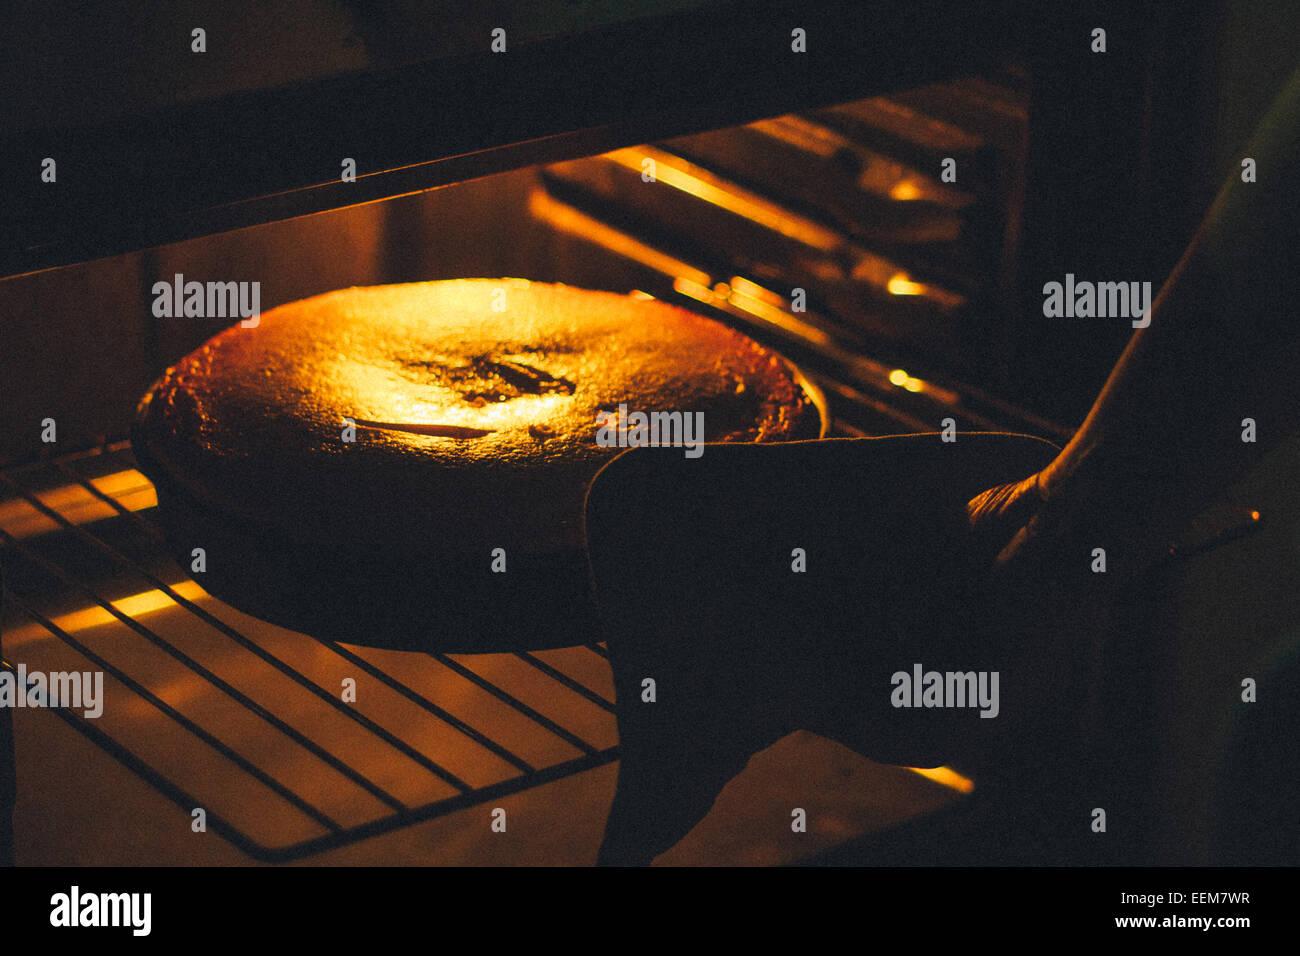 Frau backen Kuchen im Ofen Stockfoto